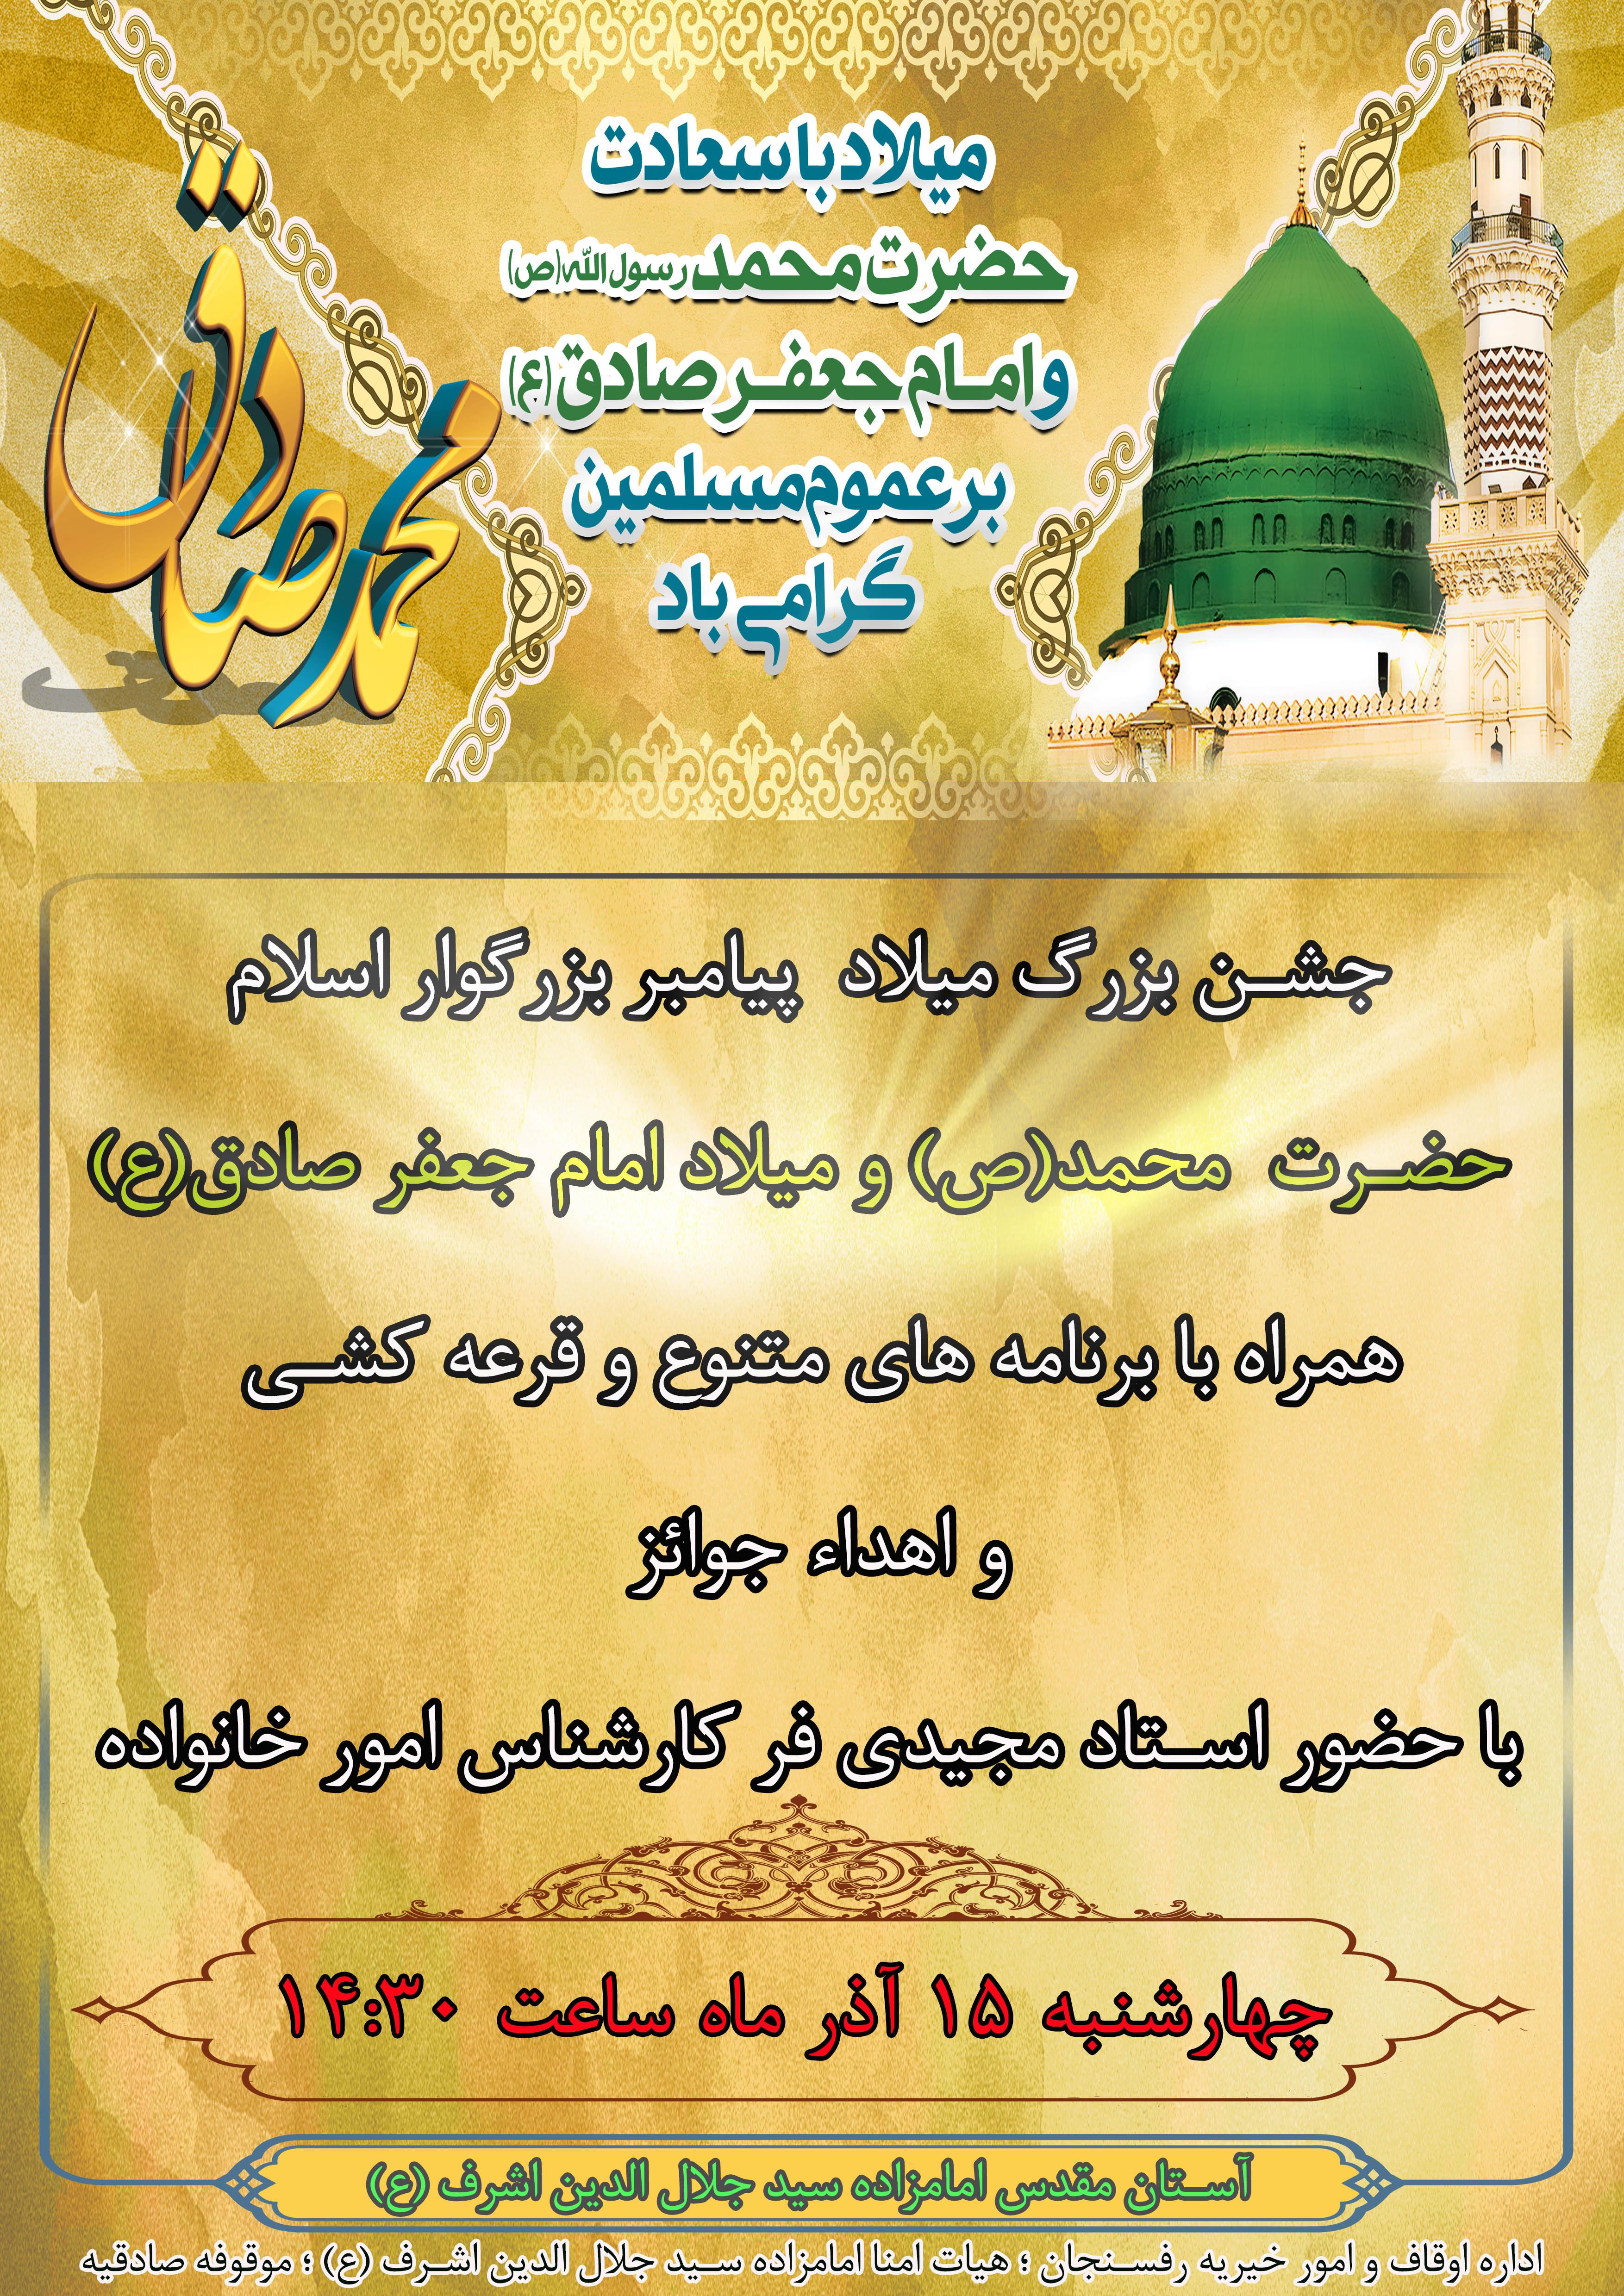 جشن میلاد حضرت محمد (ص) و امام صادق (ع) در آستان مقدس امامزاده سید جلال الدین اشرف